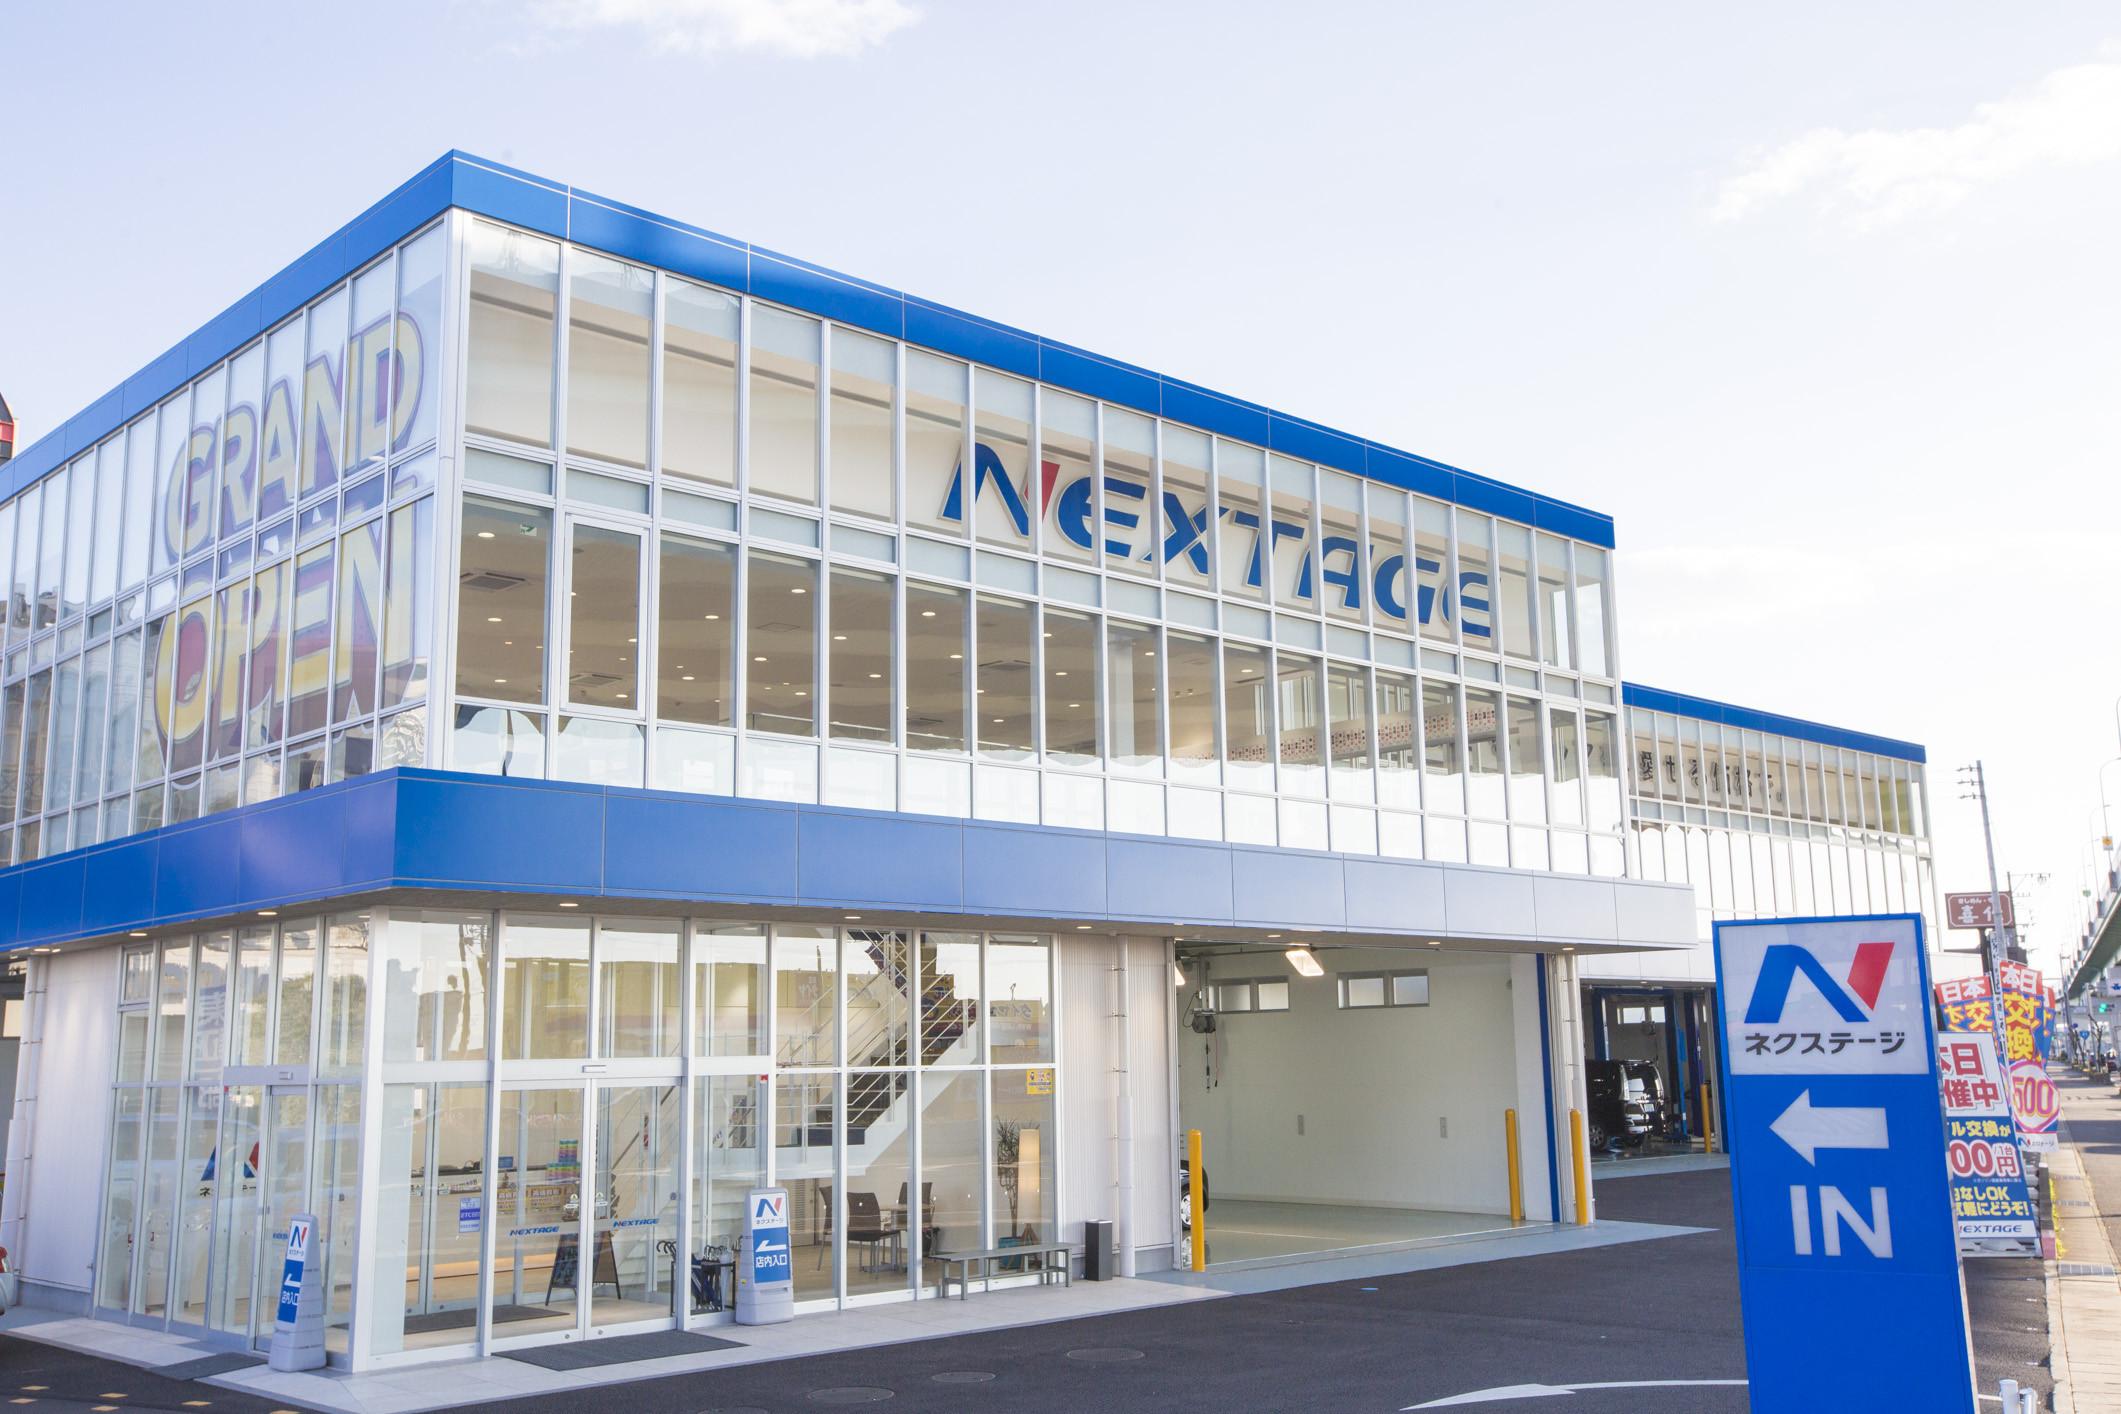 ネクステージ 戸田 レクサス車専門店のアルバイト情報